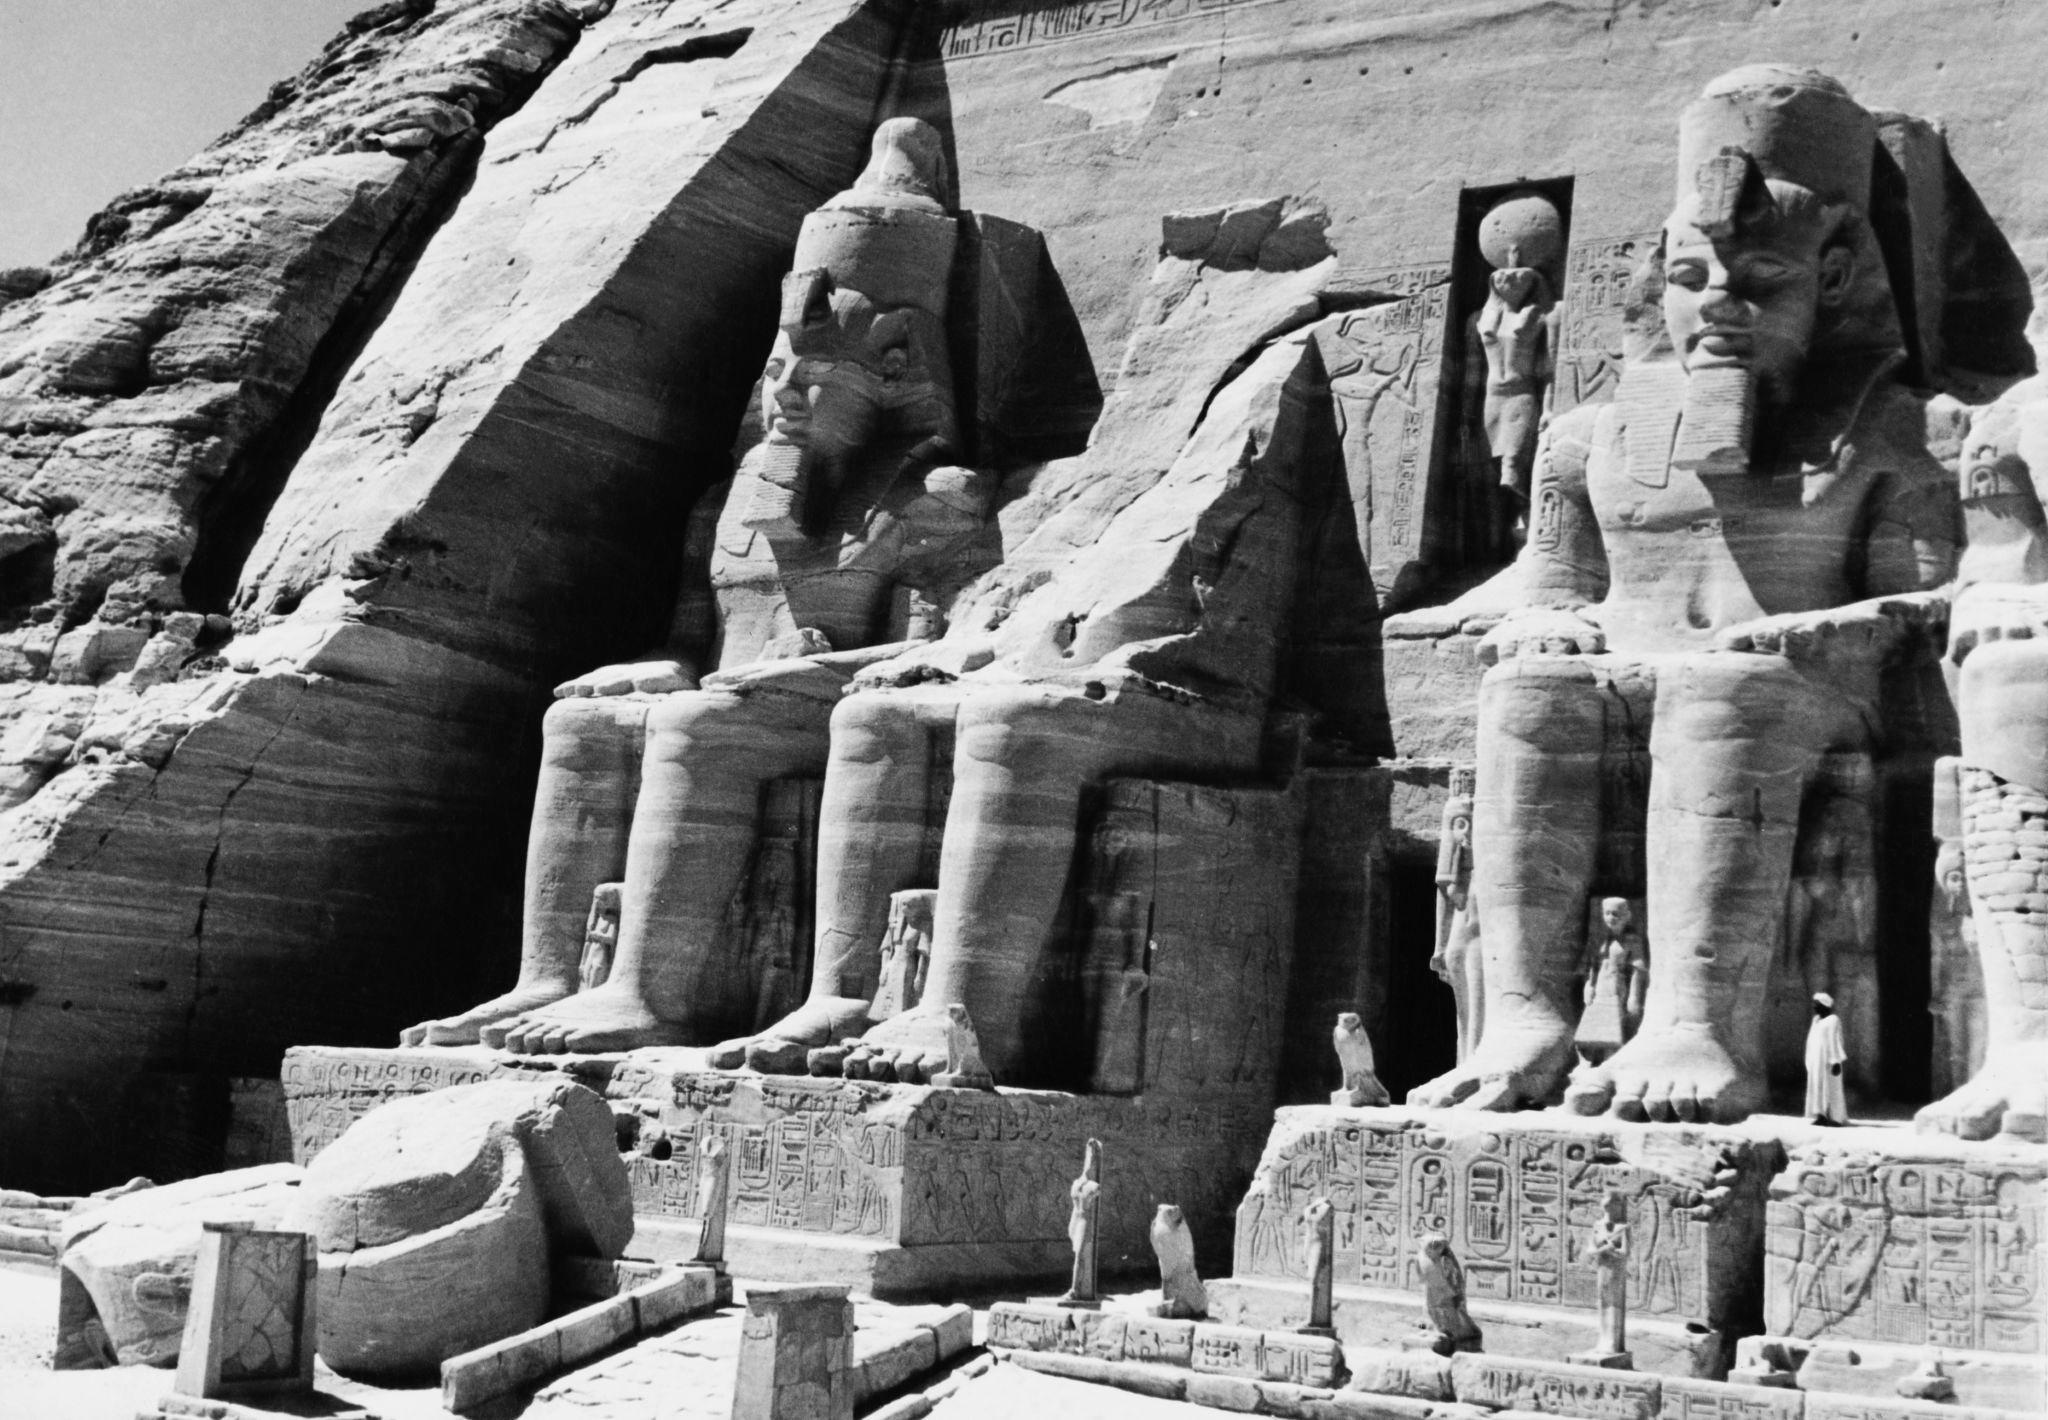 1955. Три из четырех 20-метровых статуй египетского фараона Рамсеса II в Большом храме Рамсеса II в Абу-Симбеле